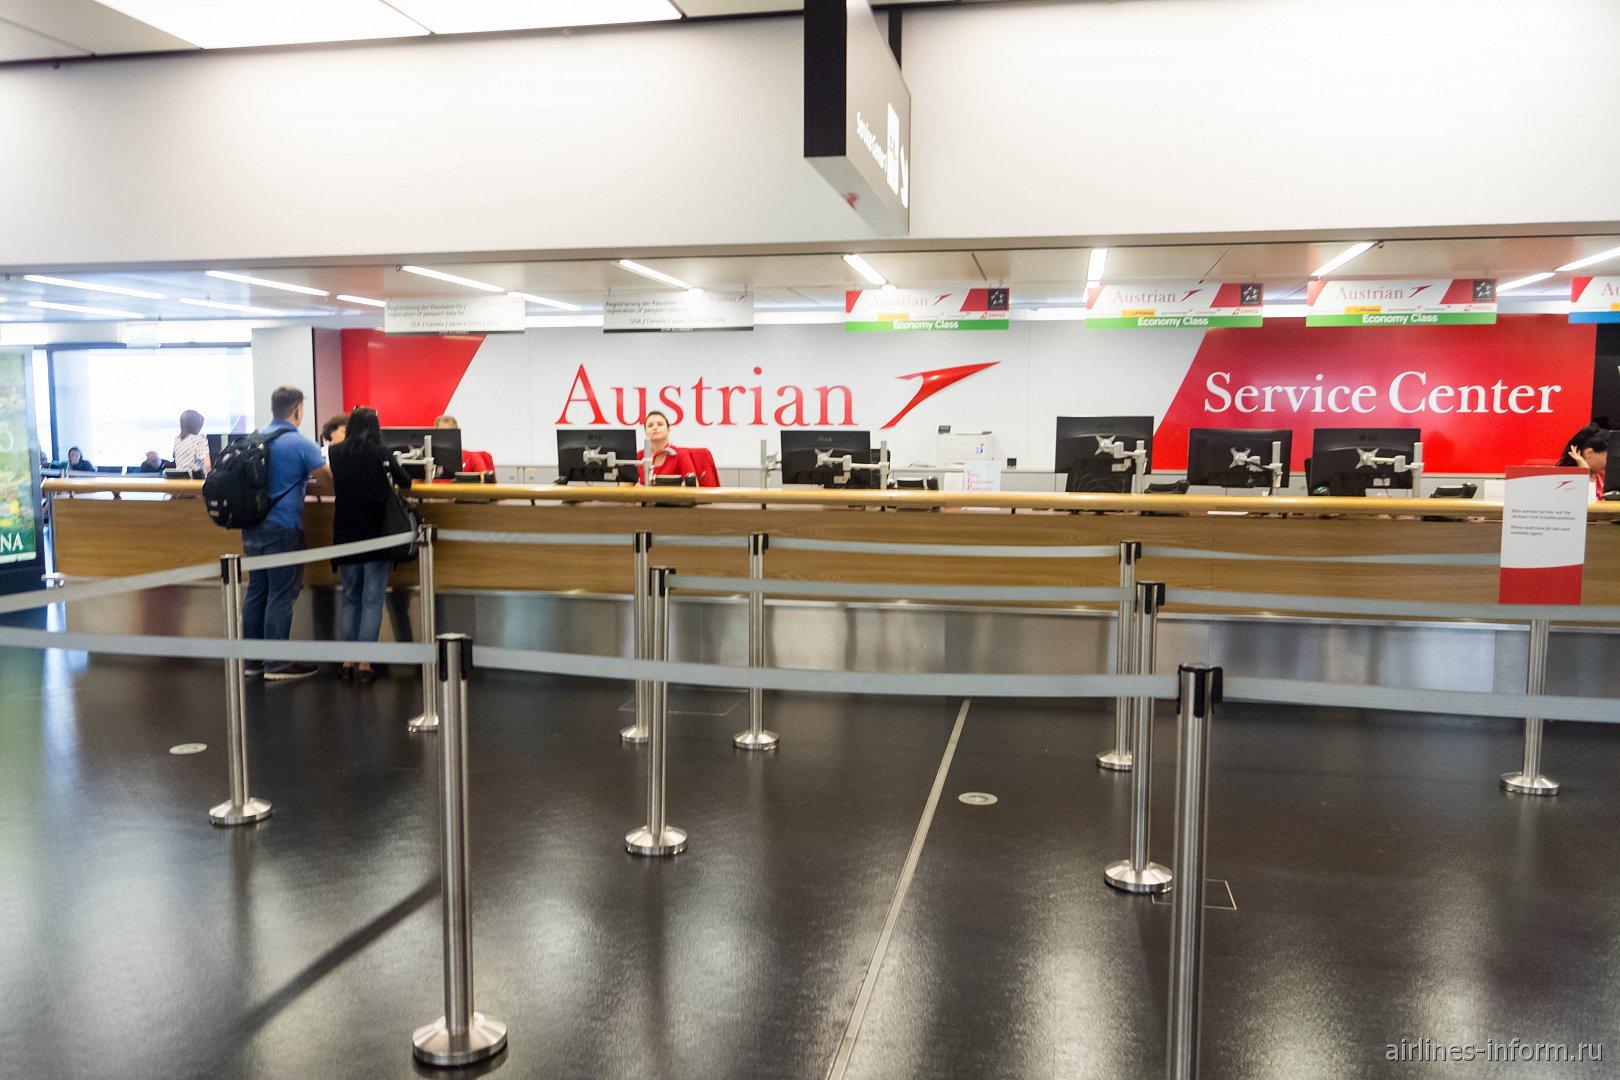 Сервисный центр авиакомпании Austrian в чистой зоне терминала 3 аэропорта Вены